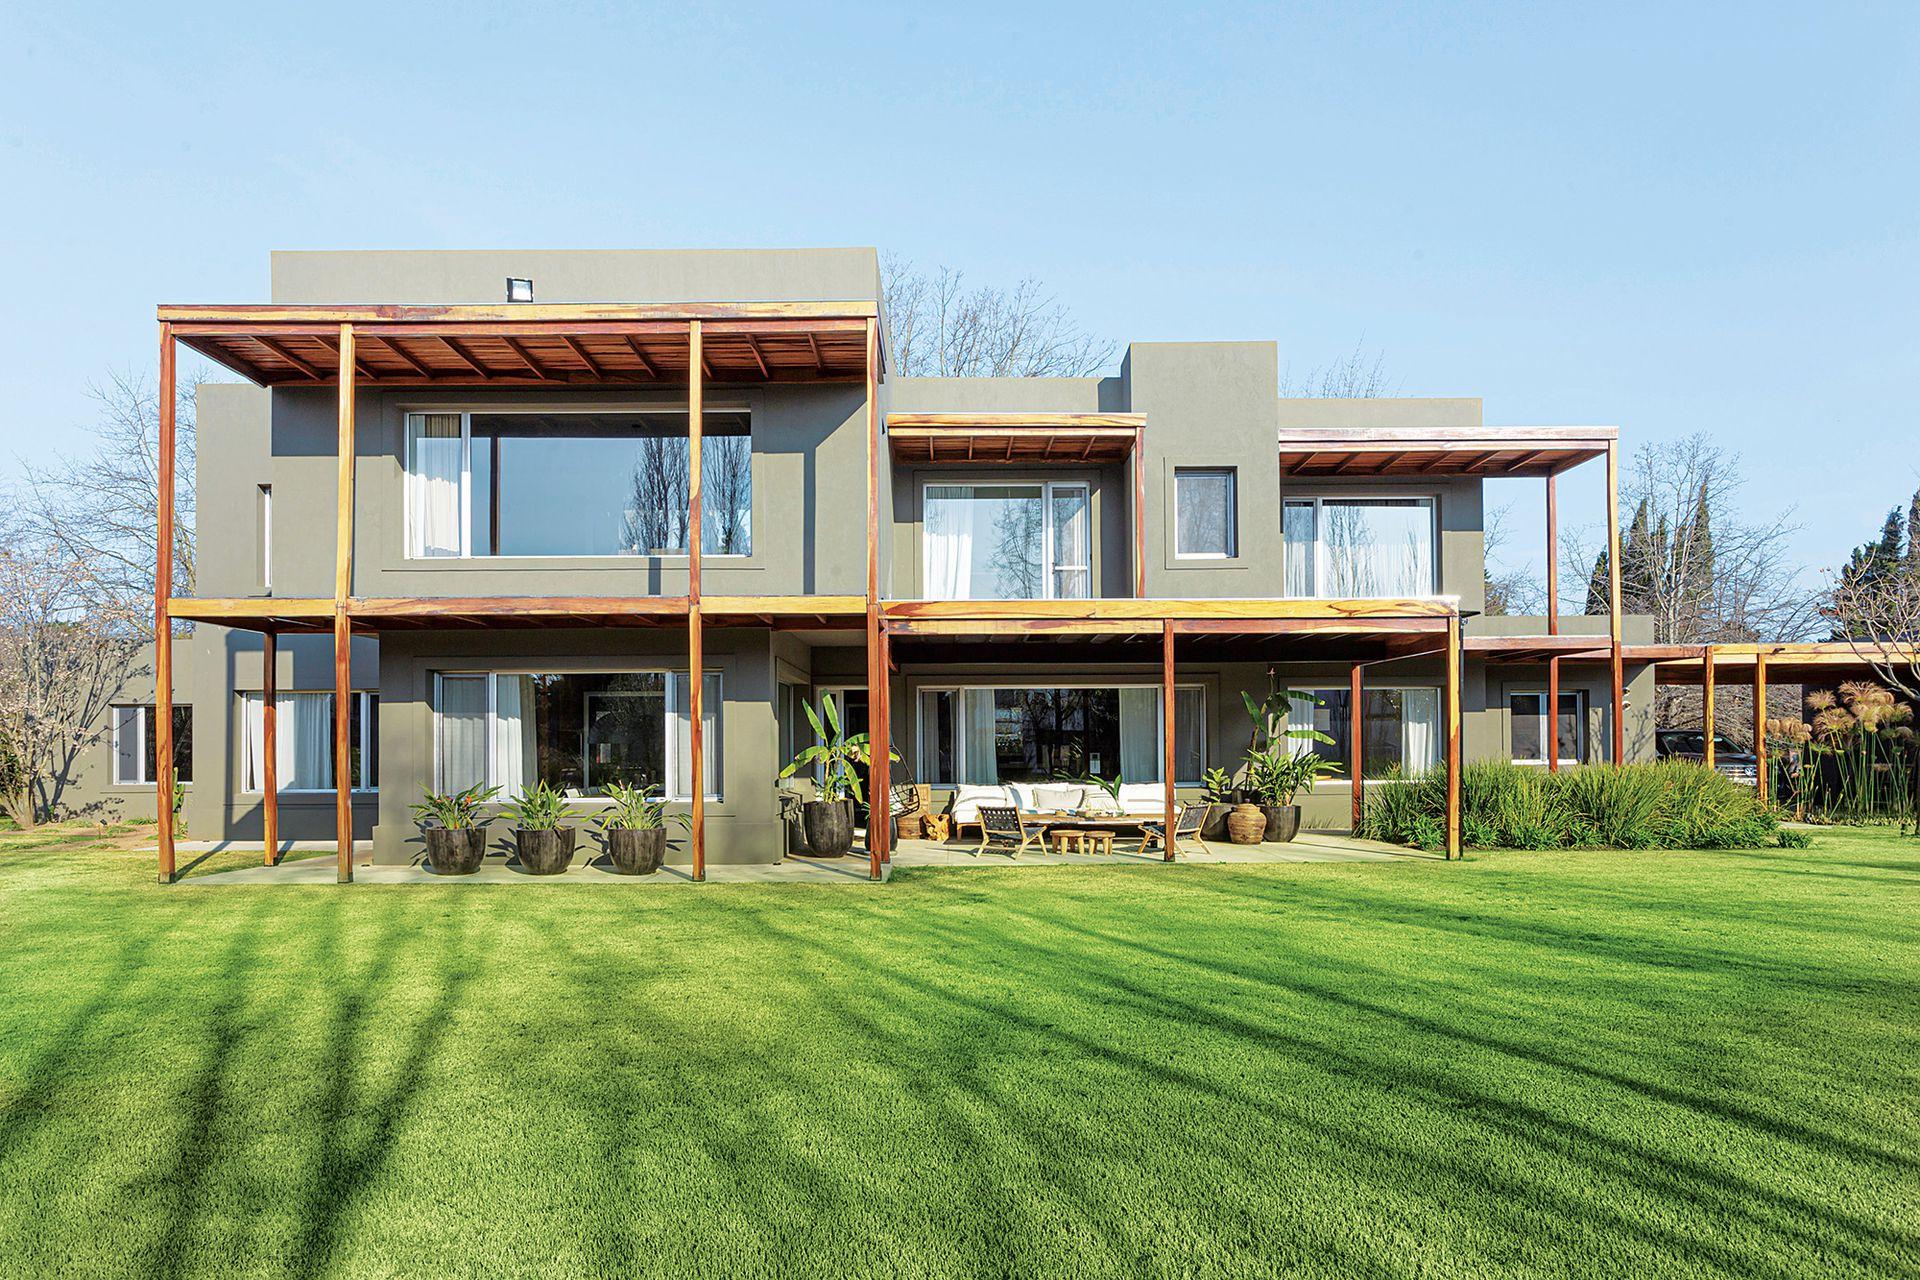 La casa cuenta con una gran extensión de pasto para disfrutar al aire libre.